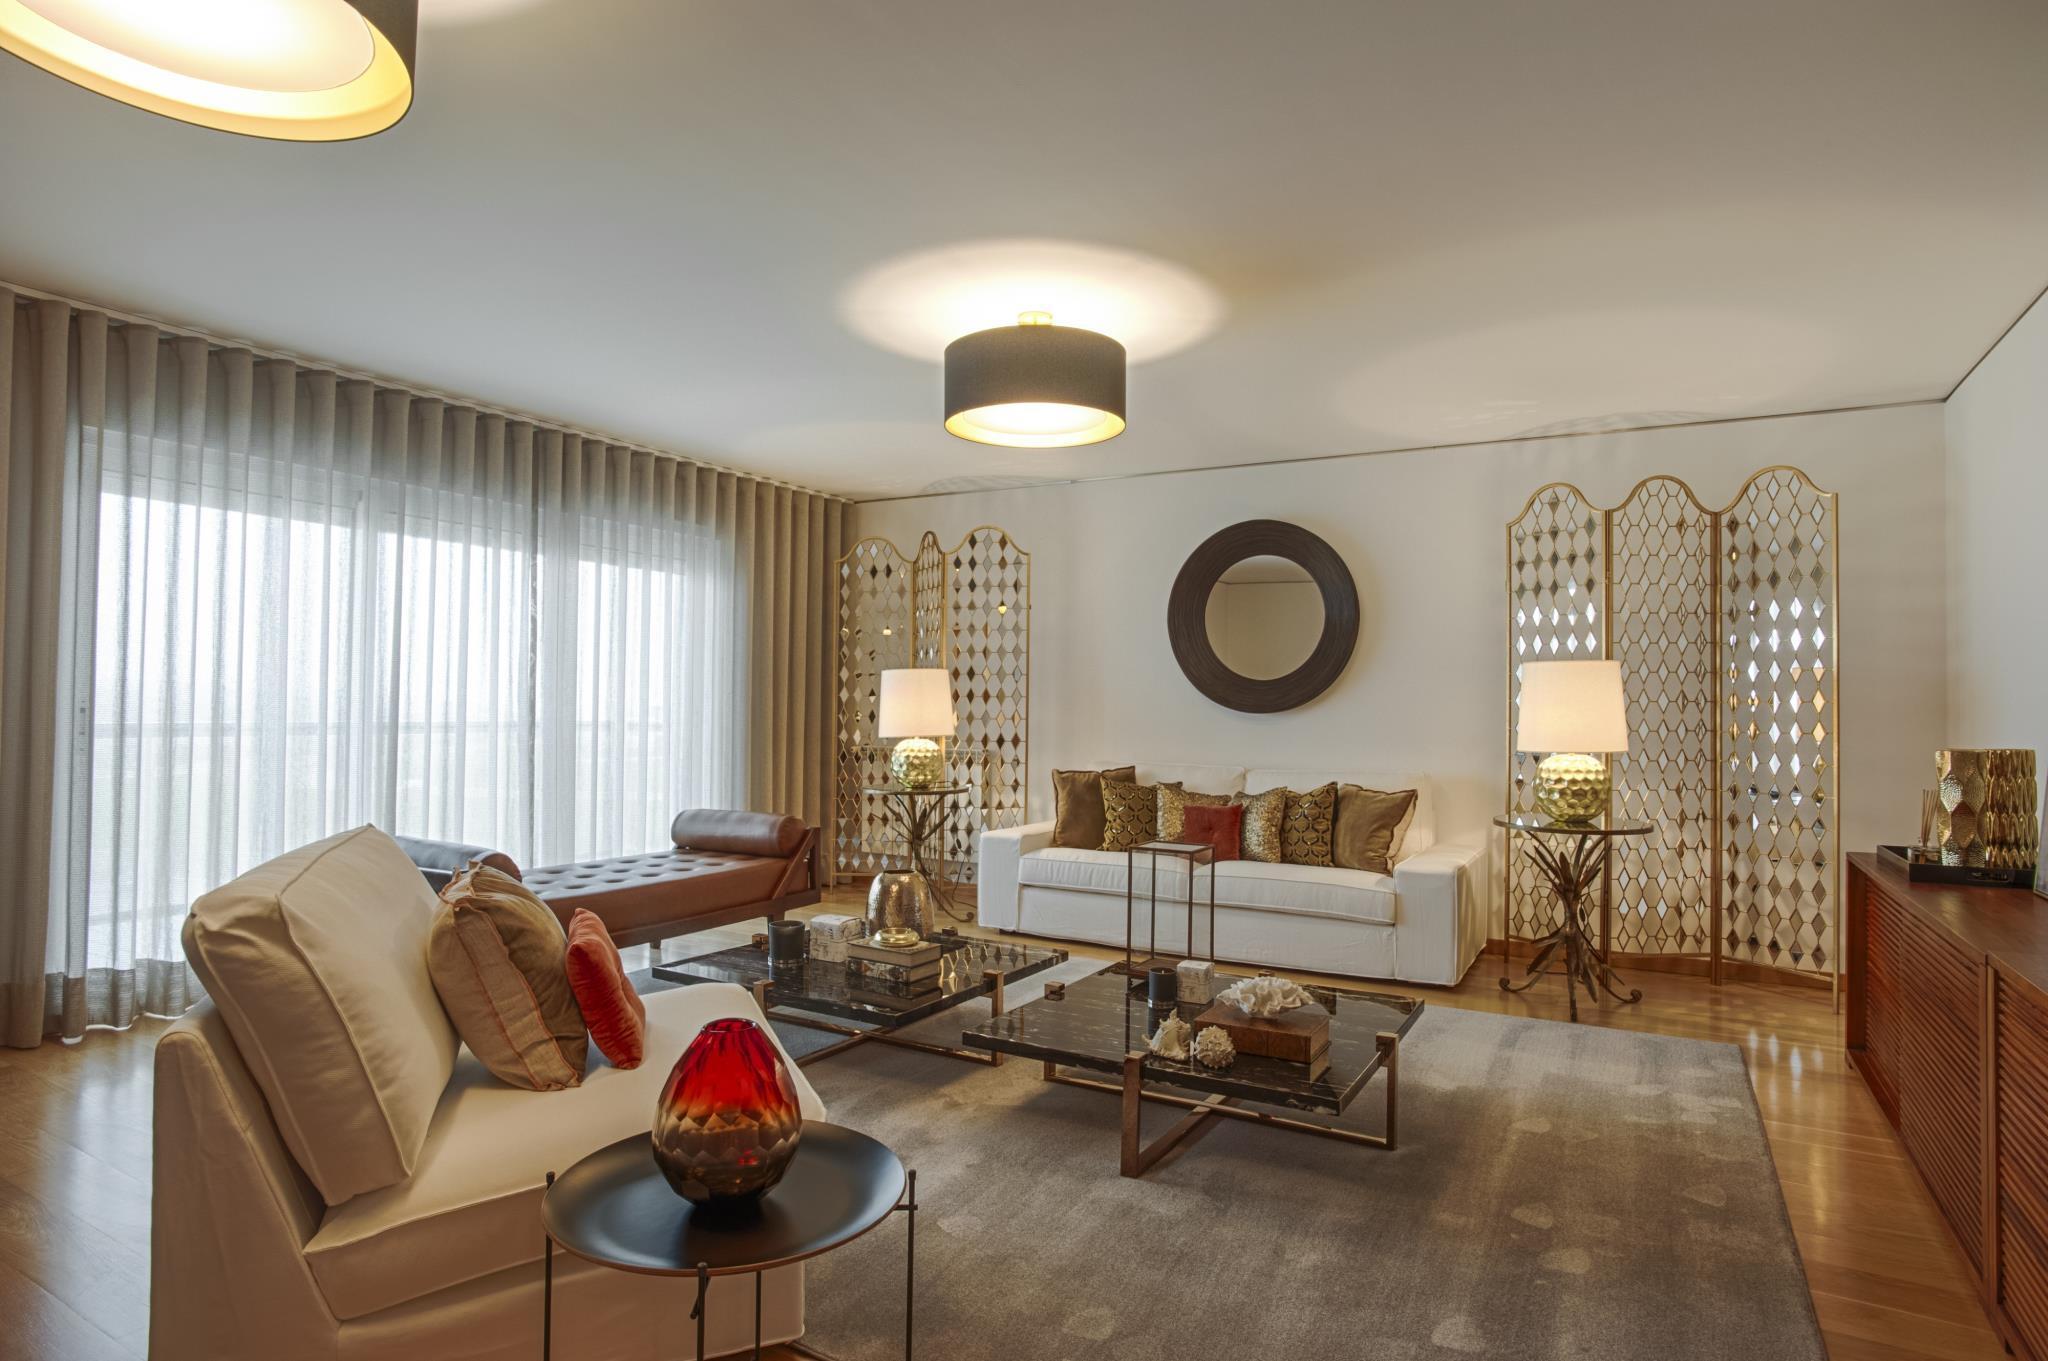 Caparica's Luxury Seaview Apartment